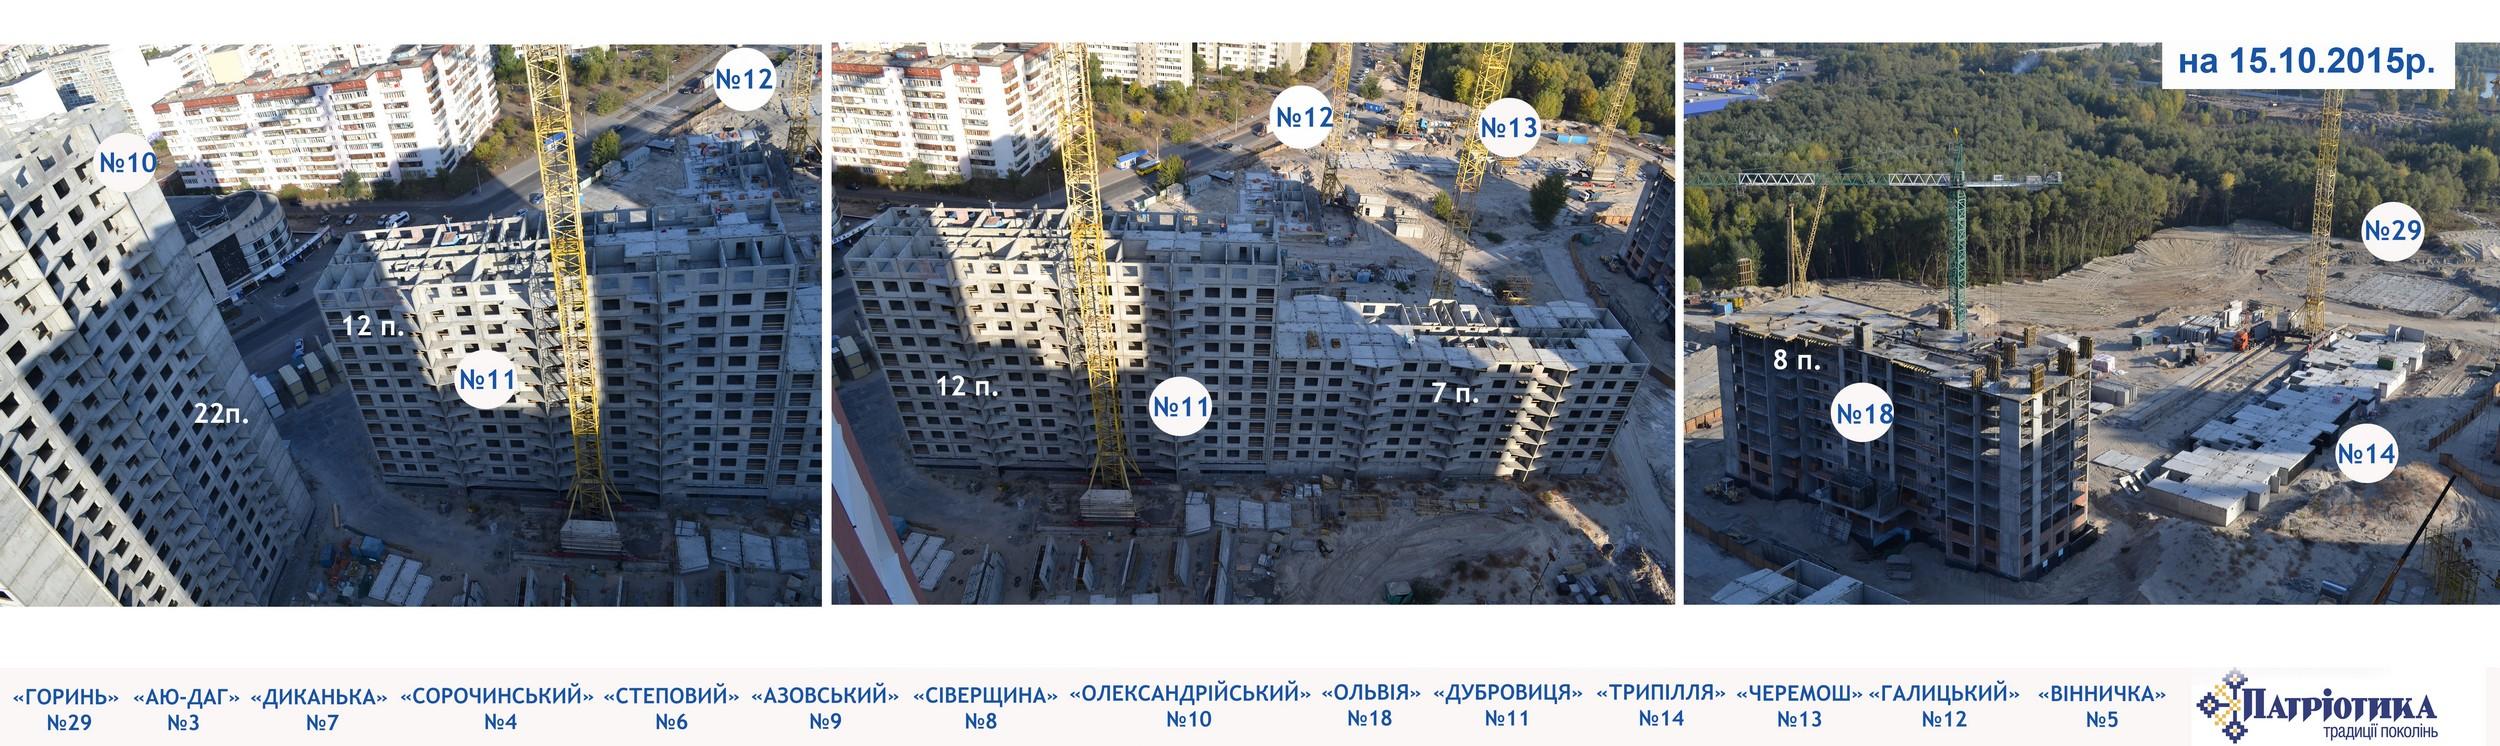 Фотоотчет строительства Ж/М «ПАТРИОТИКА», в Дарницком р-не столицы